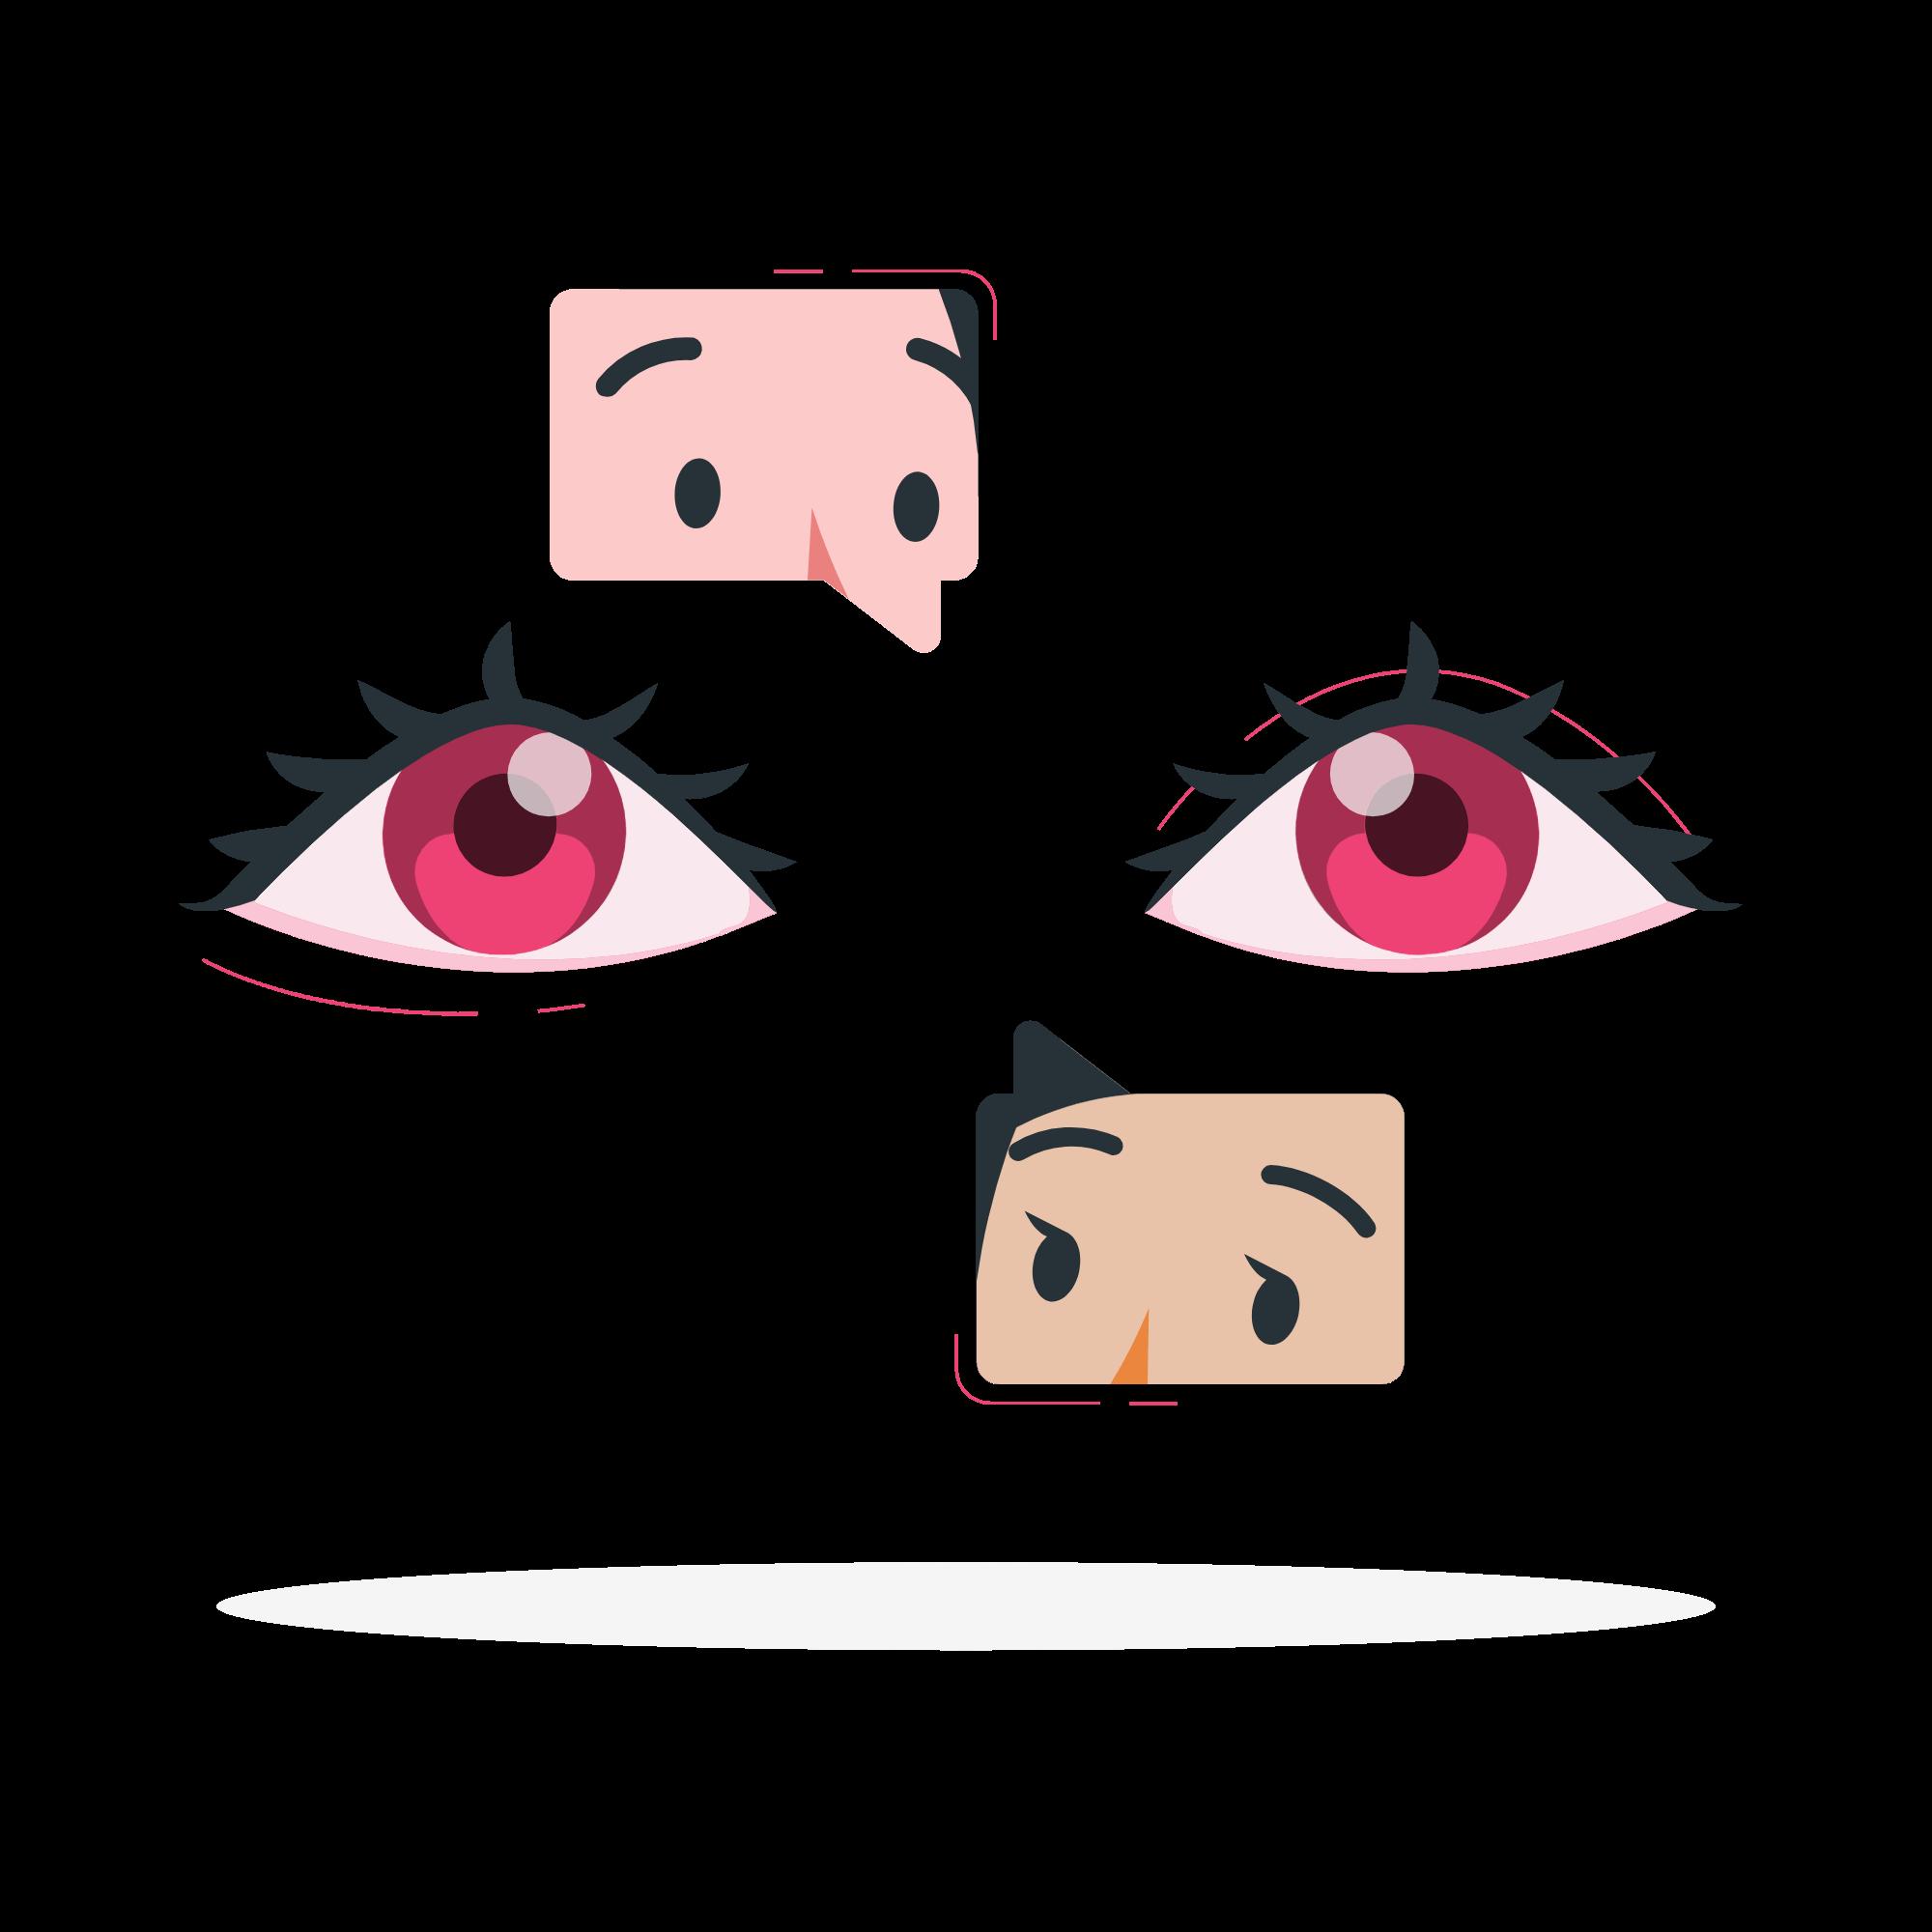 problème de vision apprentissage